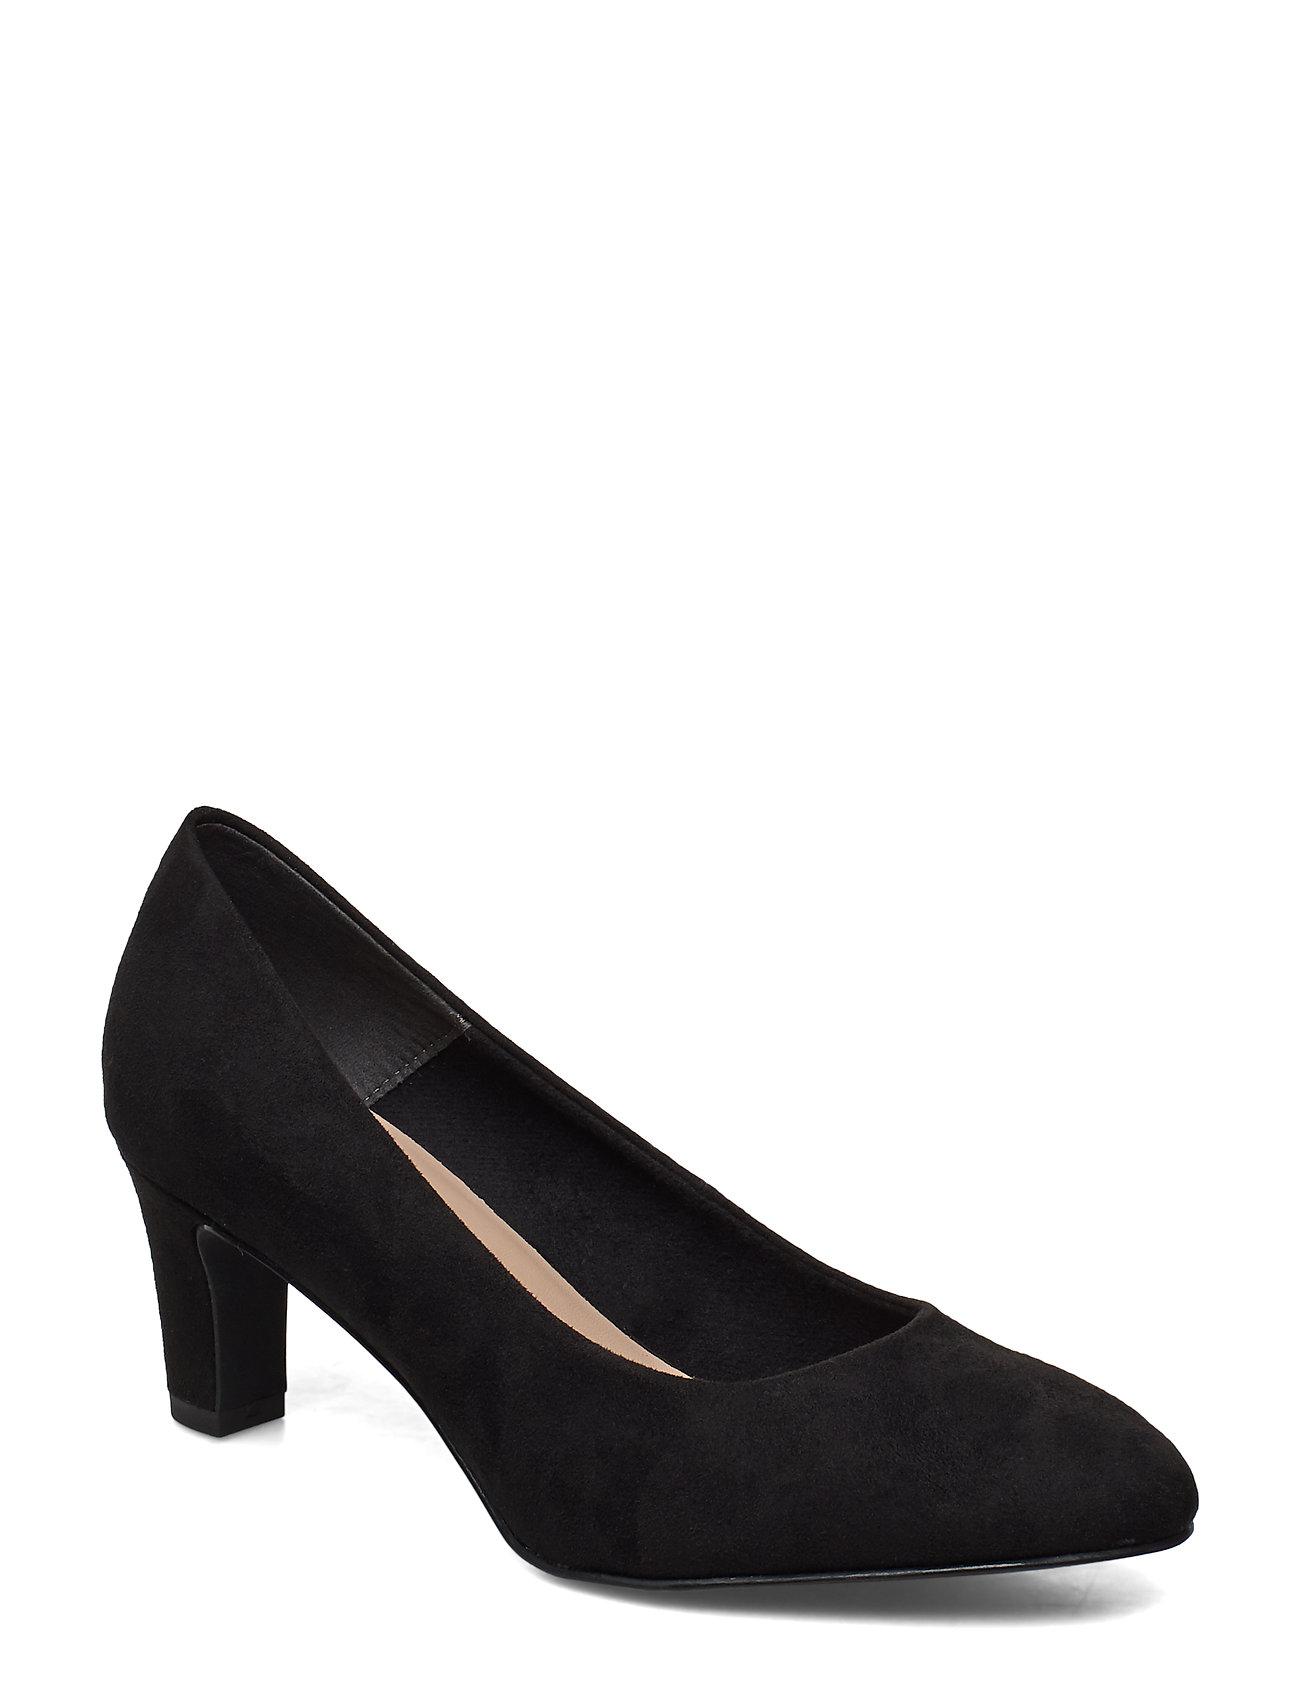 Tamaris Woms Court Shoe - BLACK